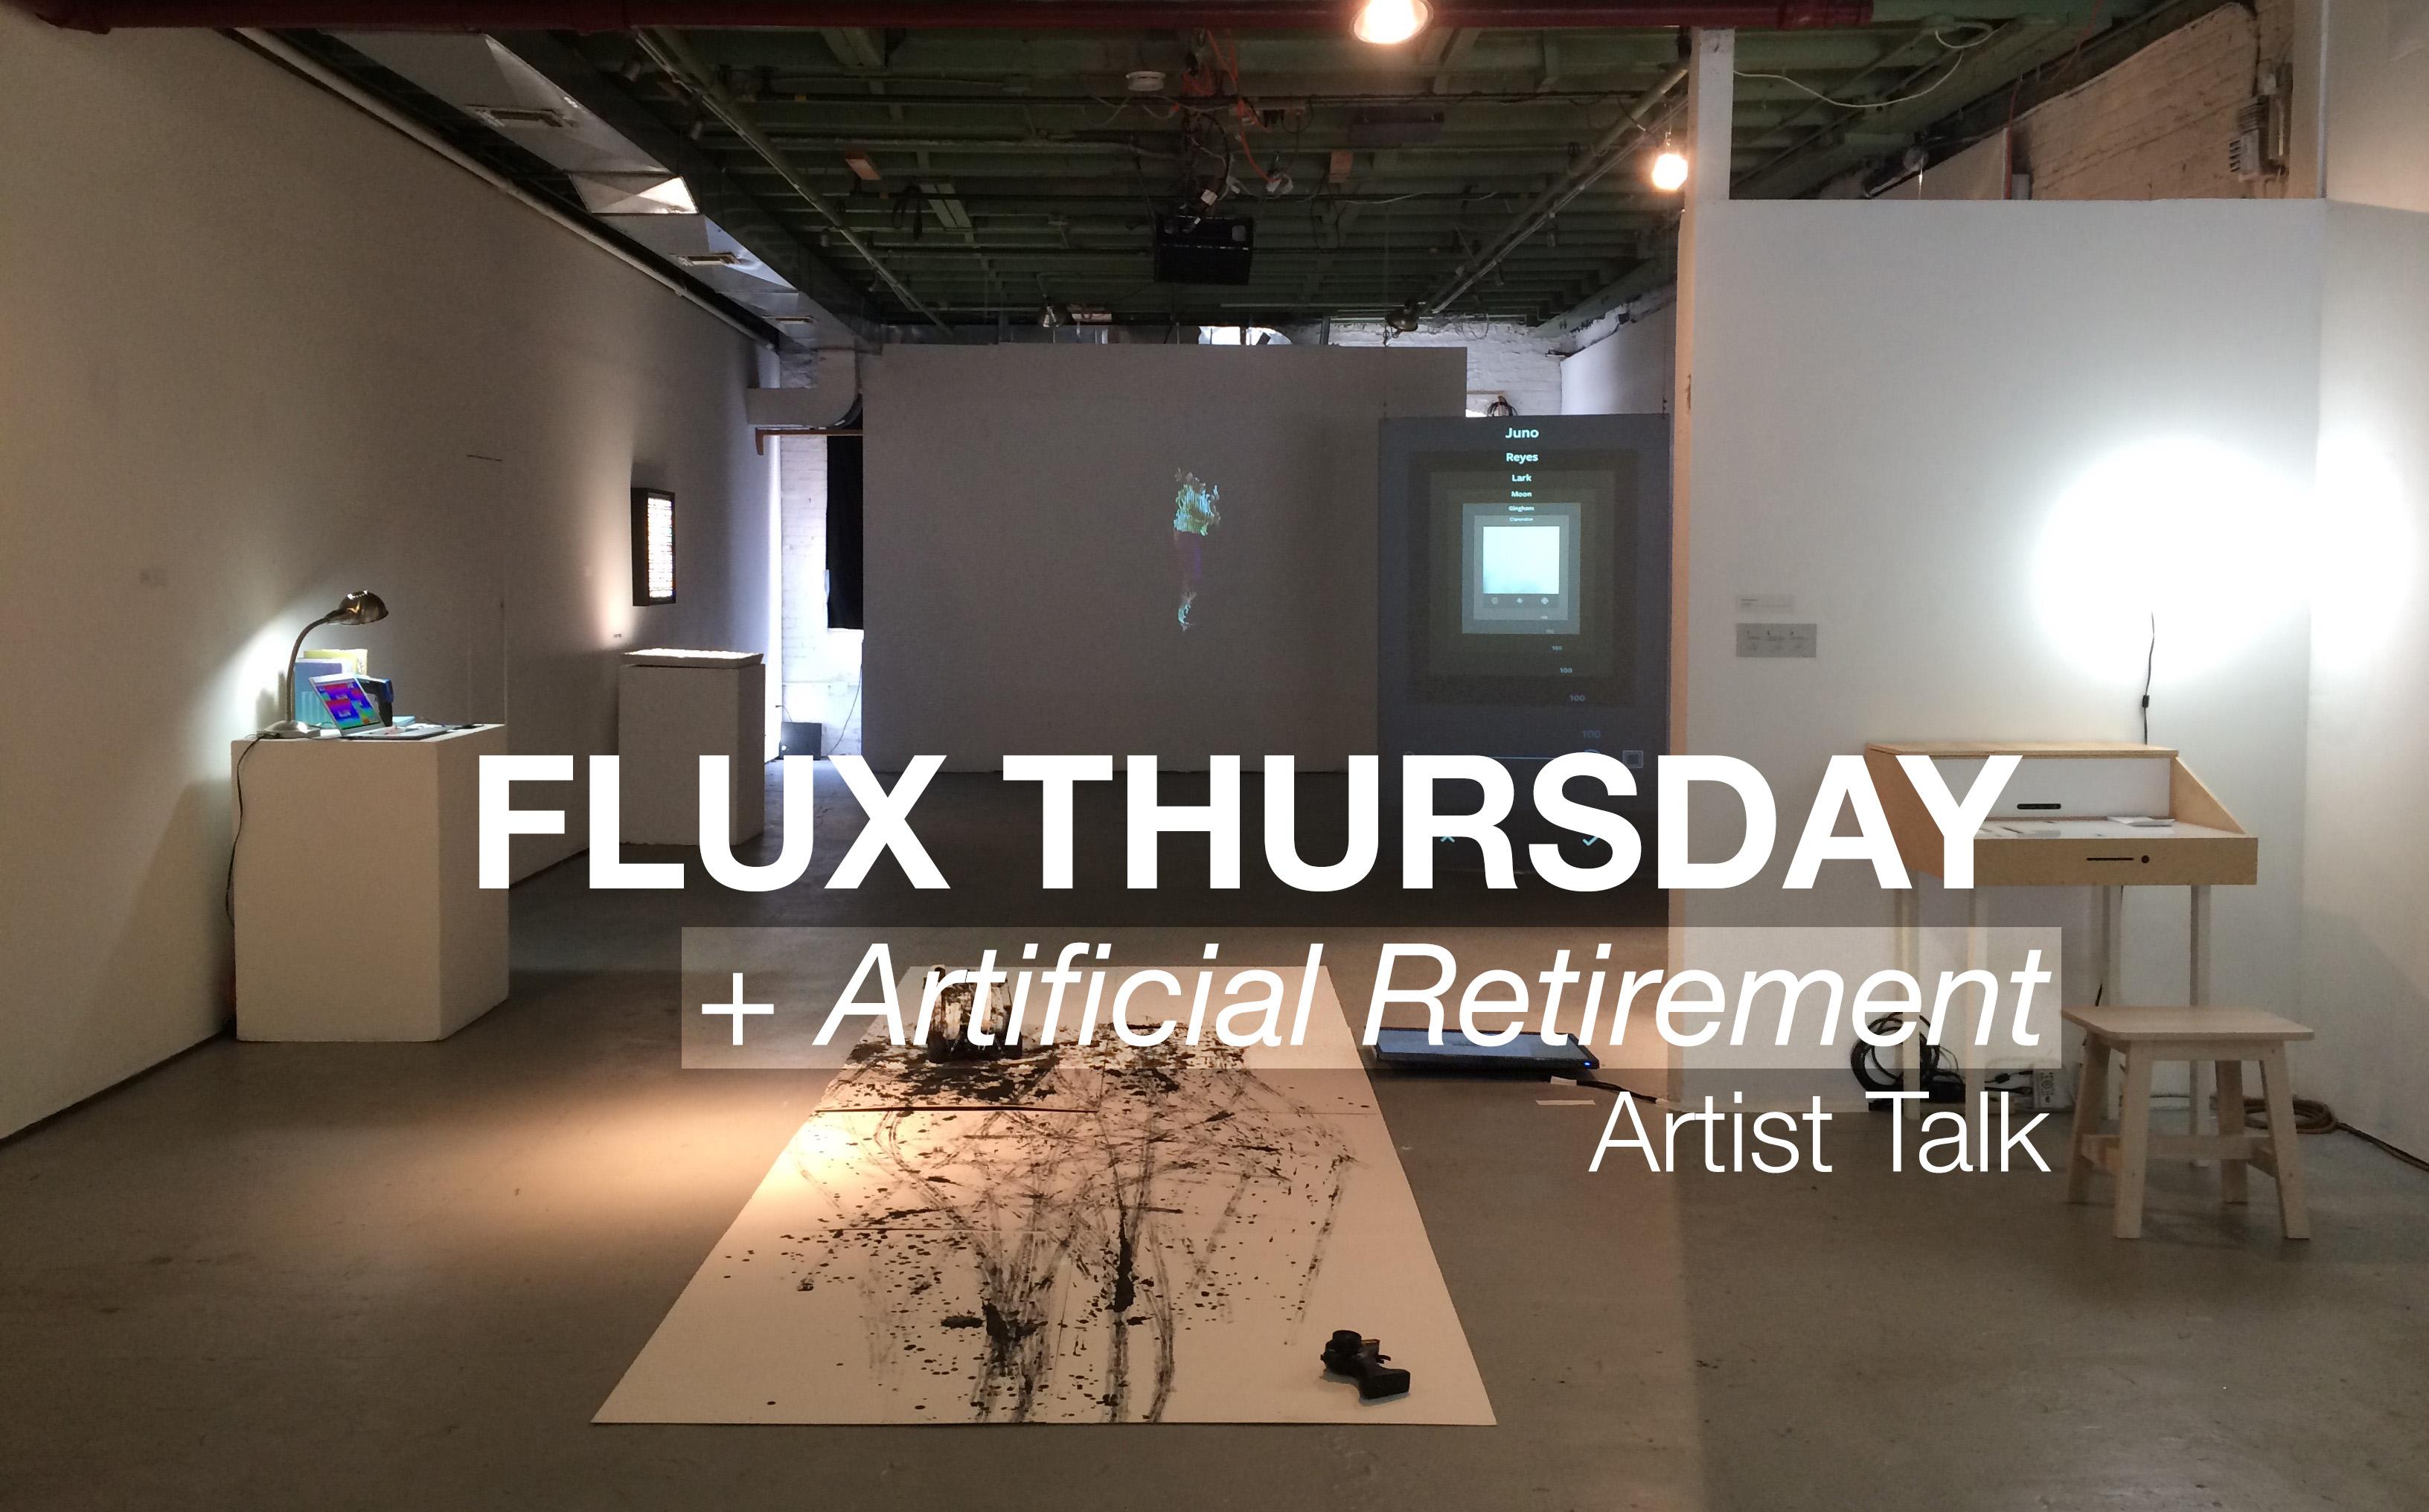 Flux Thursday : Artificial Retirement